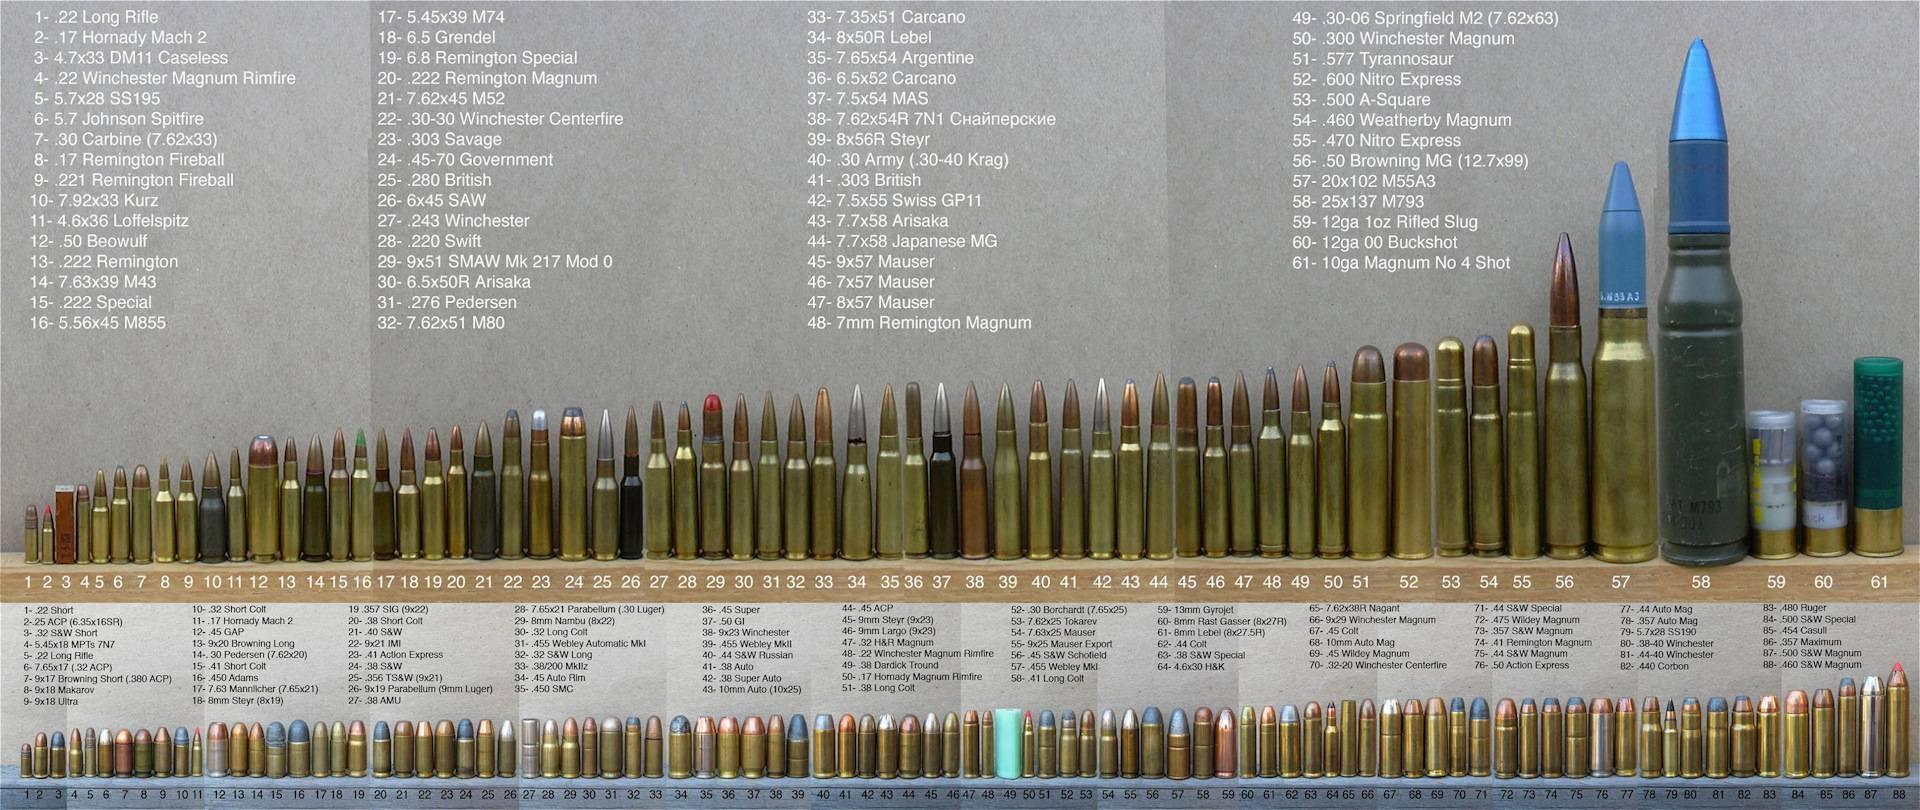 Космическое оружие: реальность или выдумка? проблемы огнестрела в вакууме